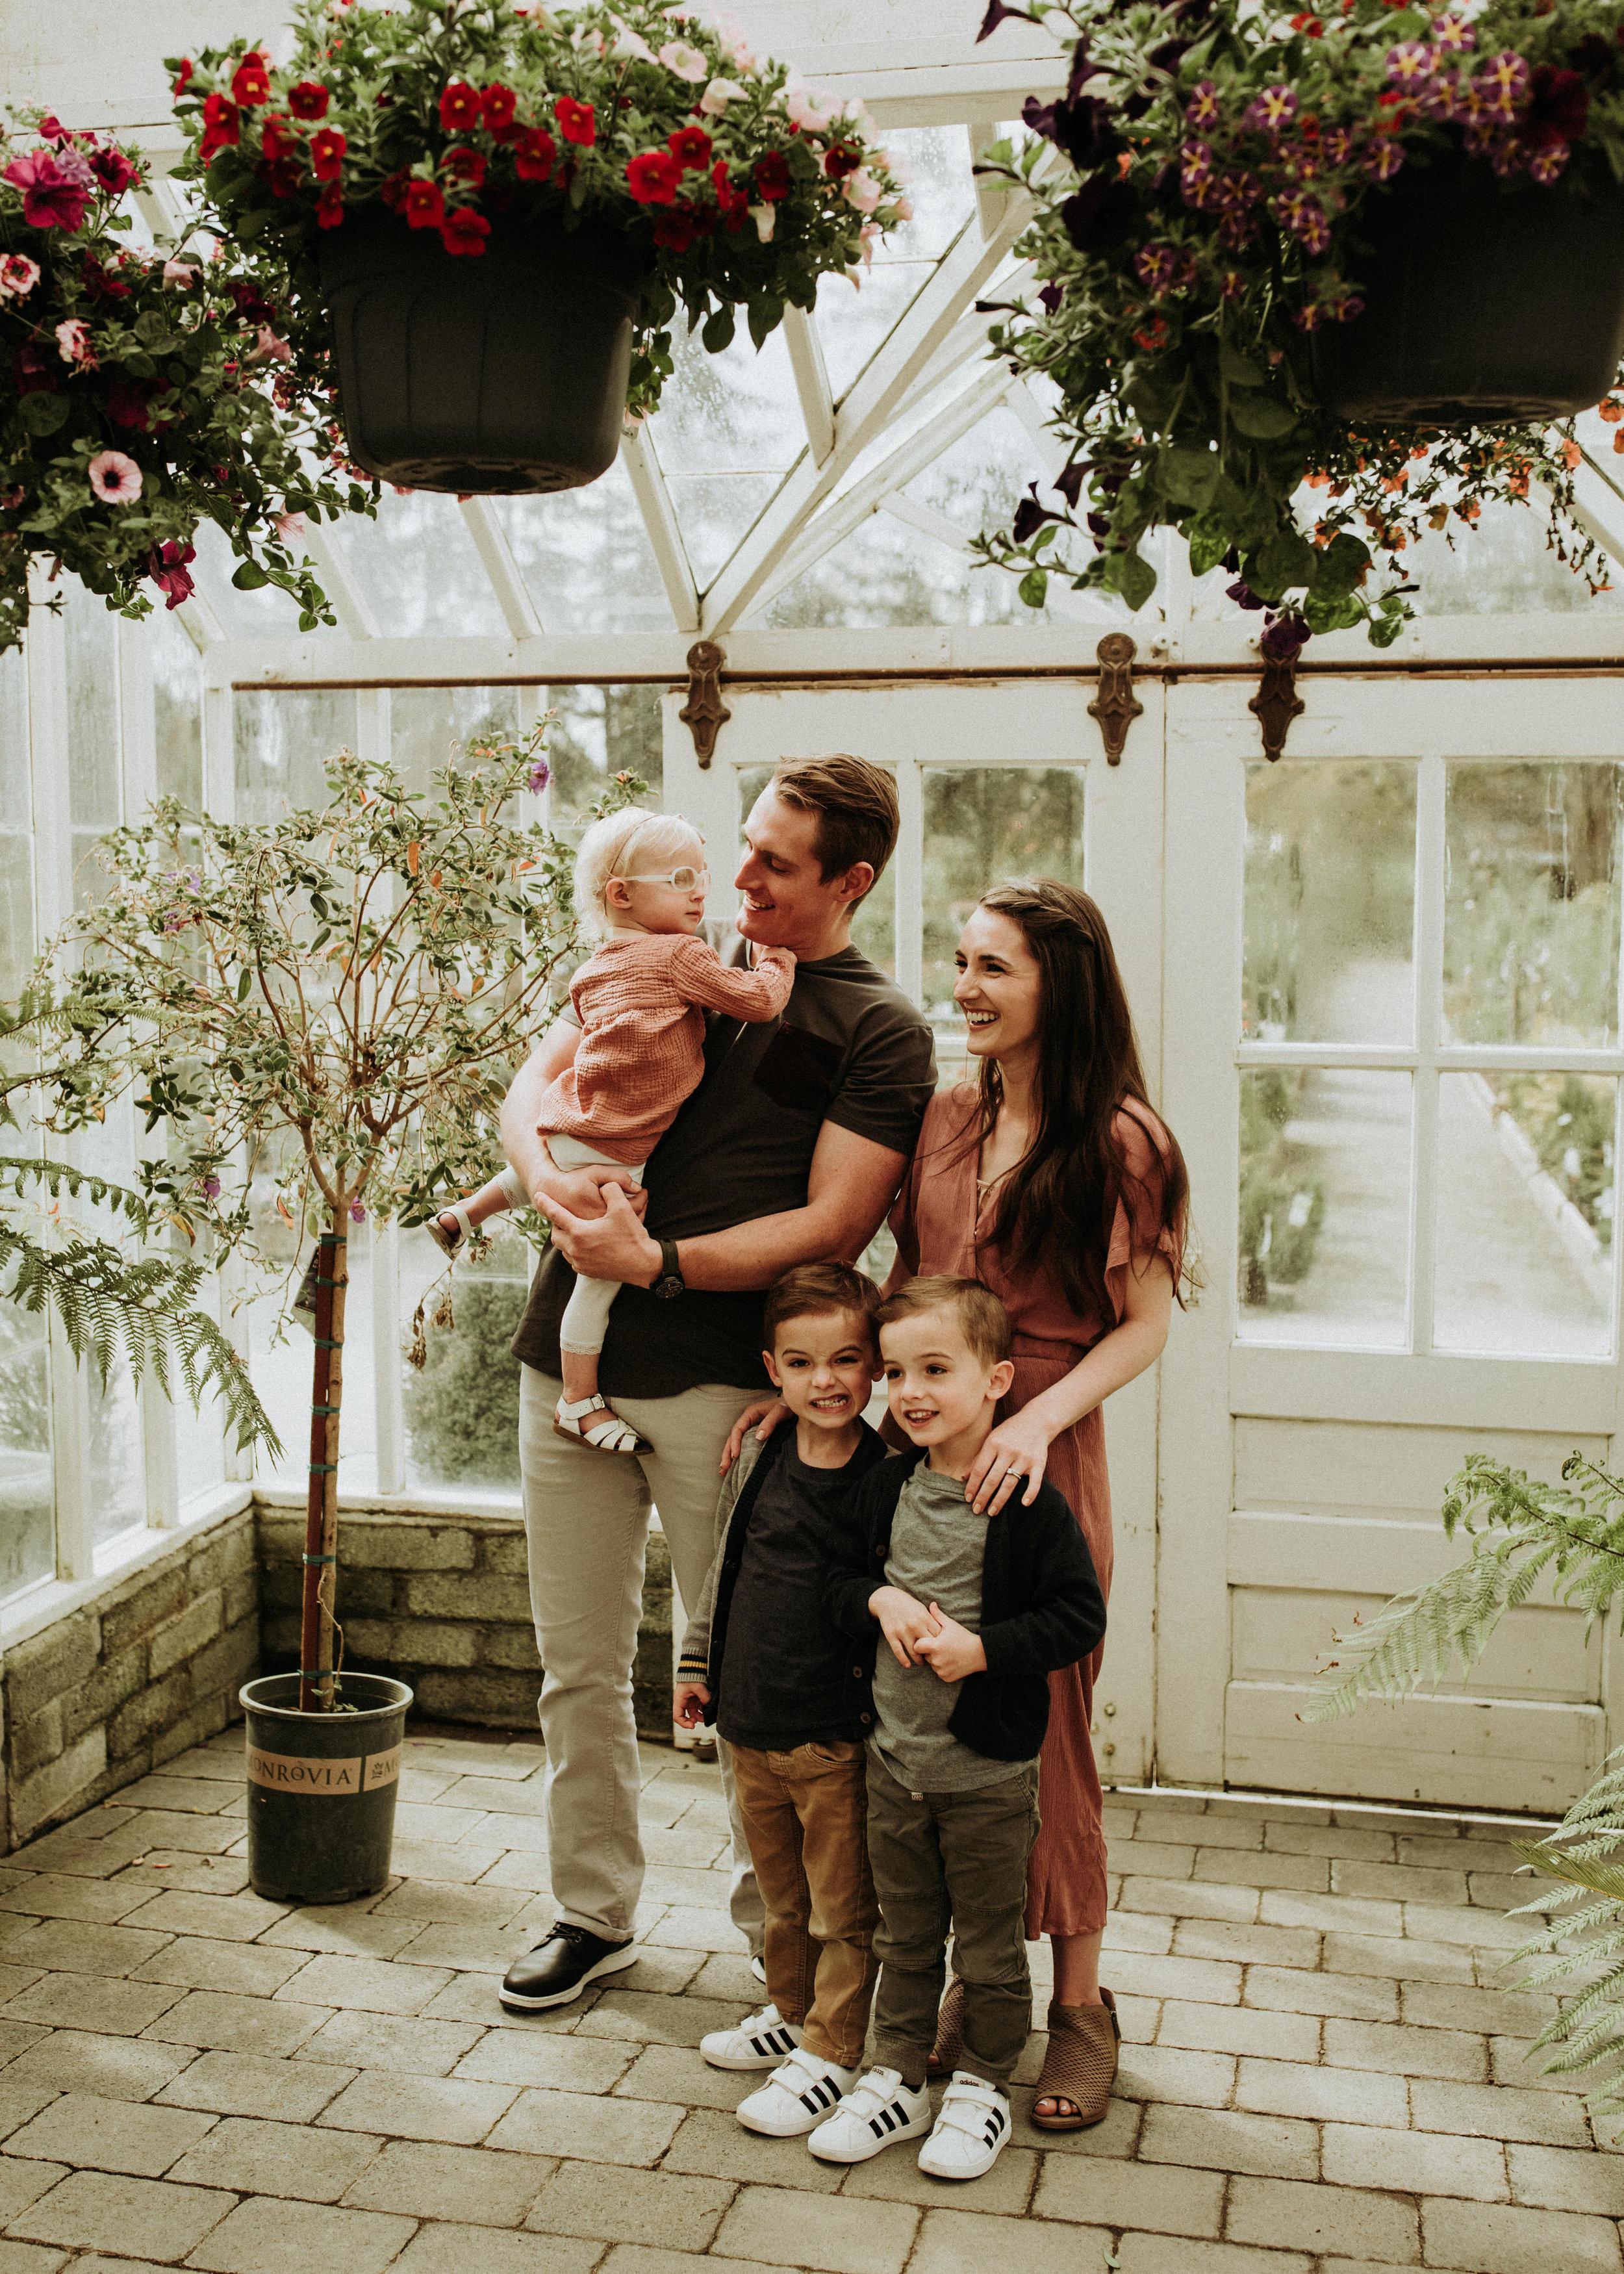 Family-Photographer-Bellingham-WA-Brianne-Bell-Photograpy-(Bennett)-1.jpg